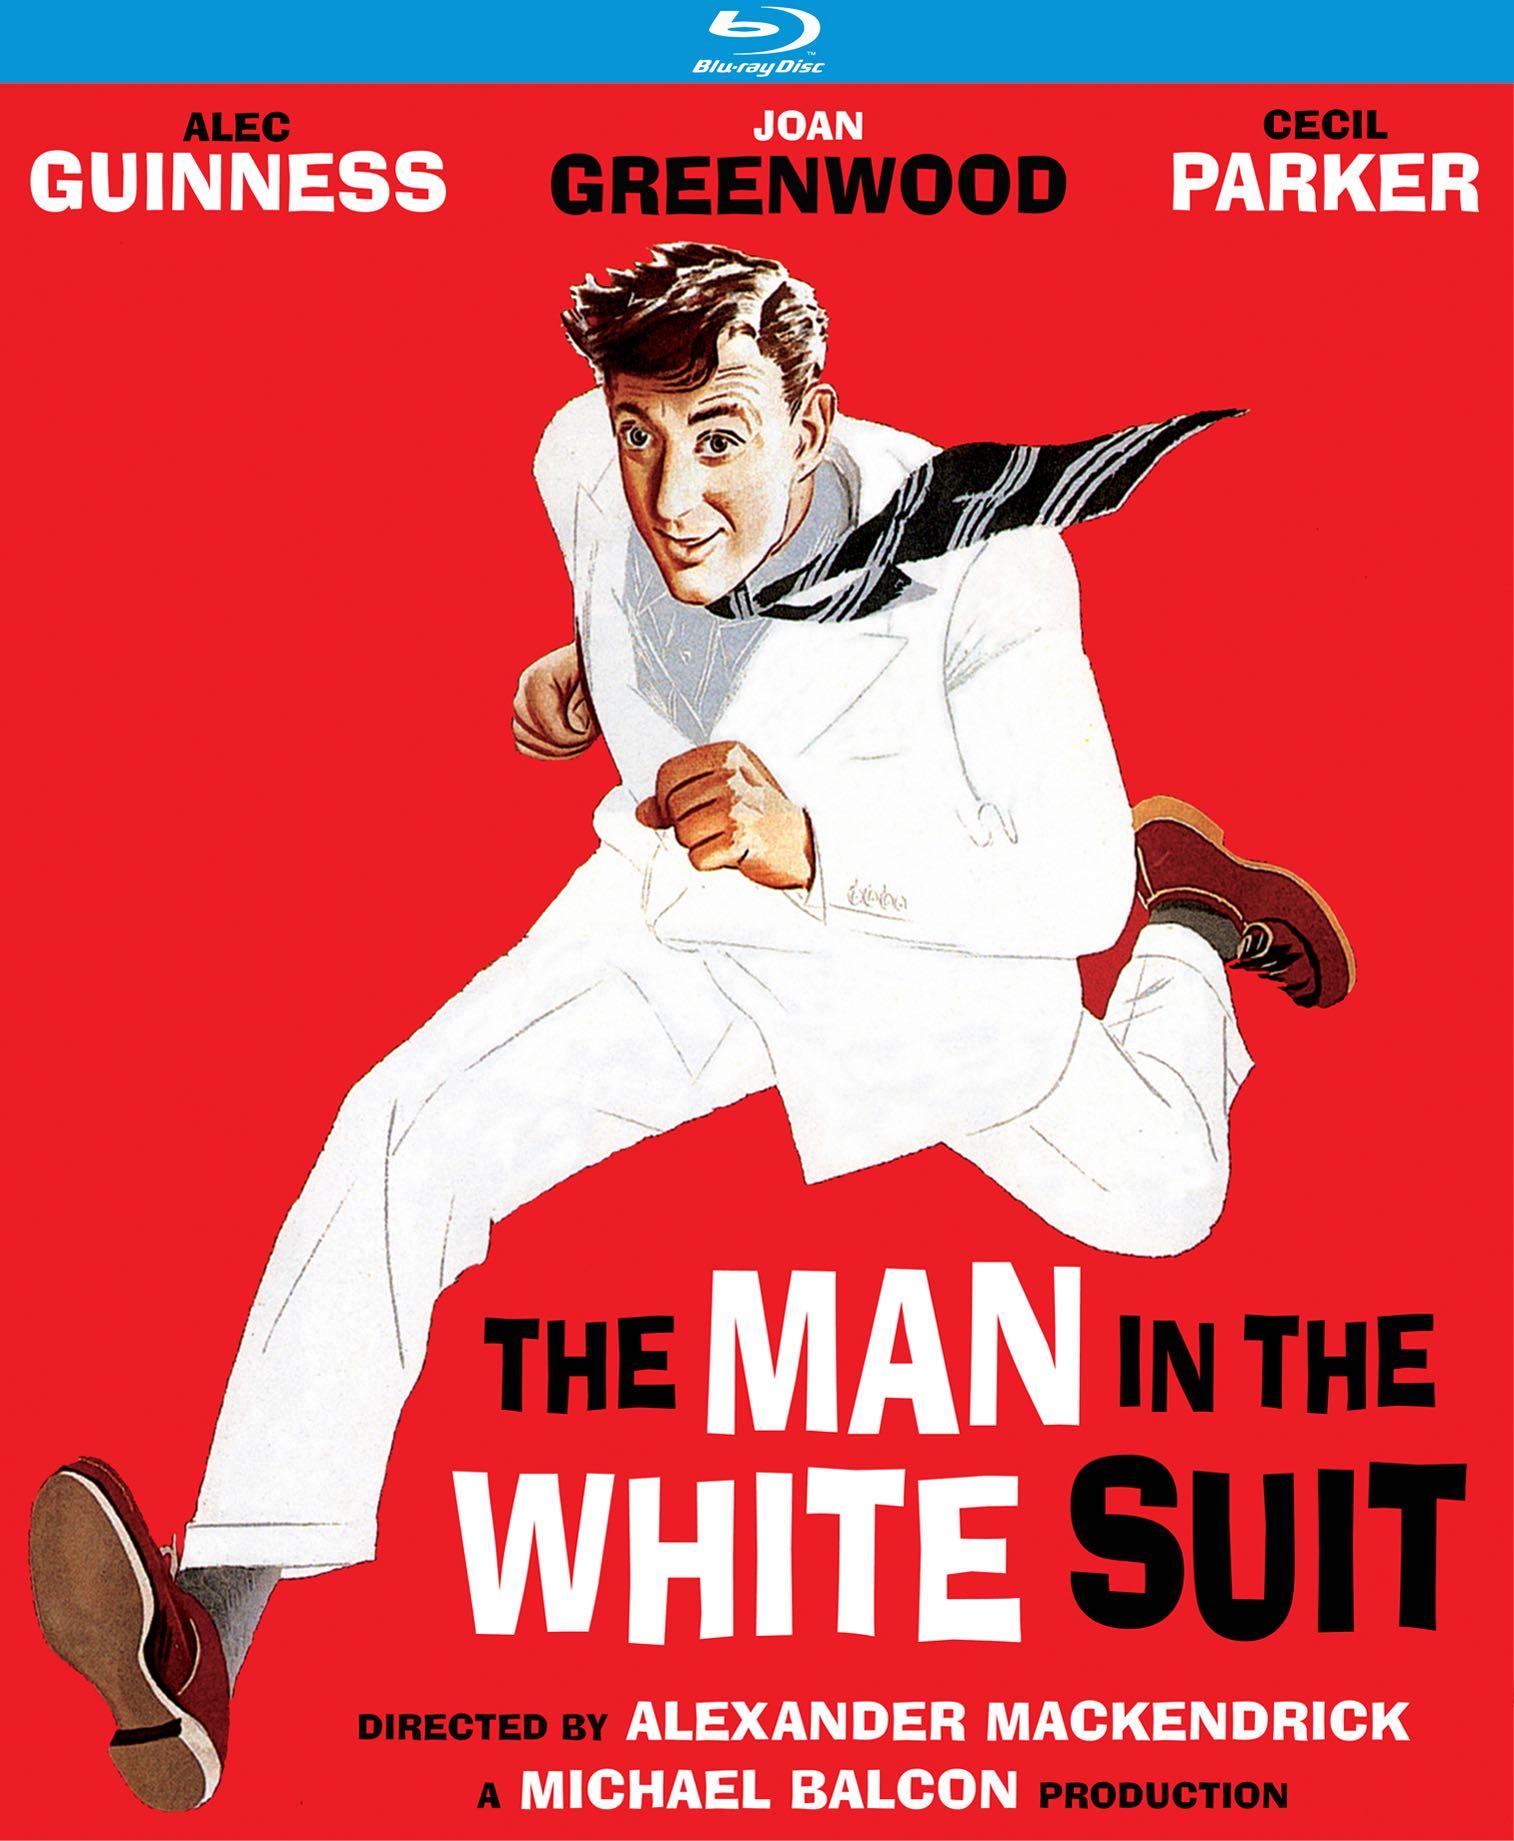 Gilbert Toys James Bond 1965 Large Size Poster Advert Shop Display Sign Leaflet